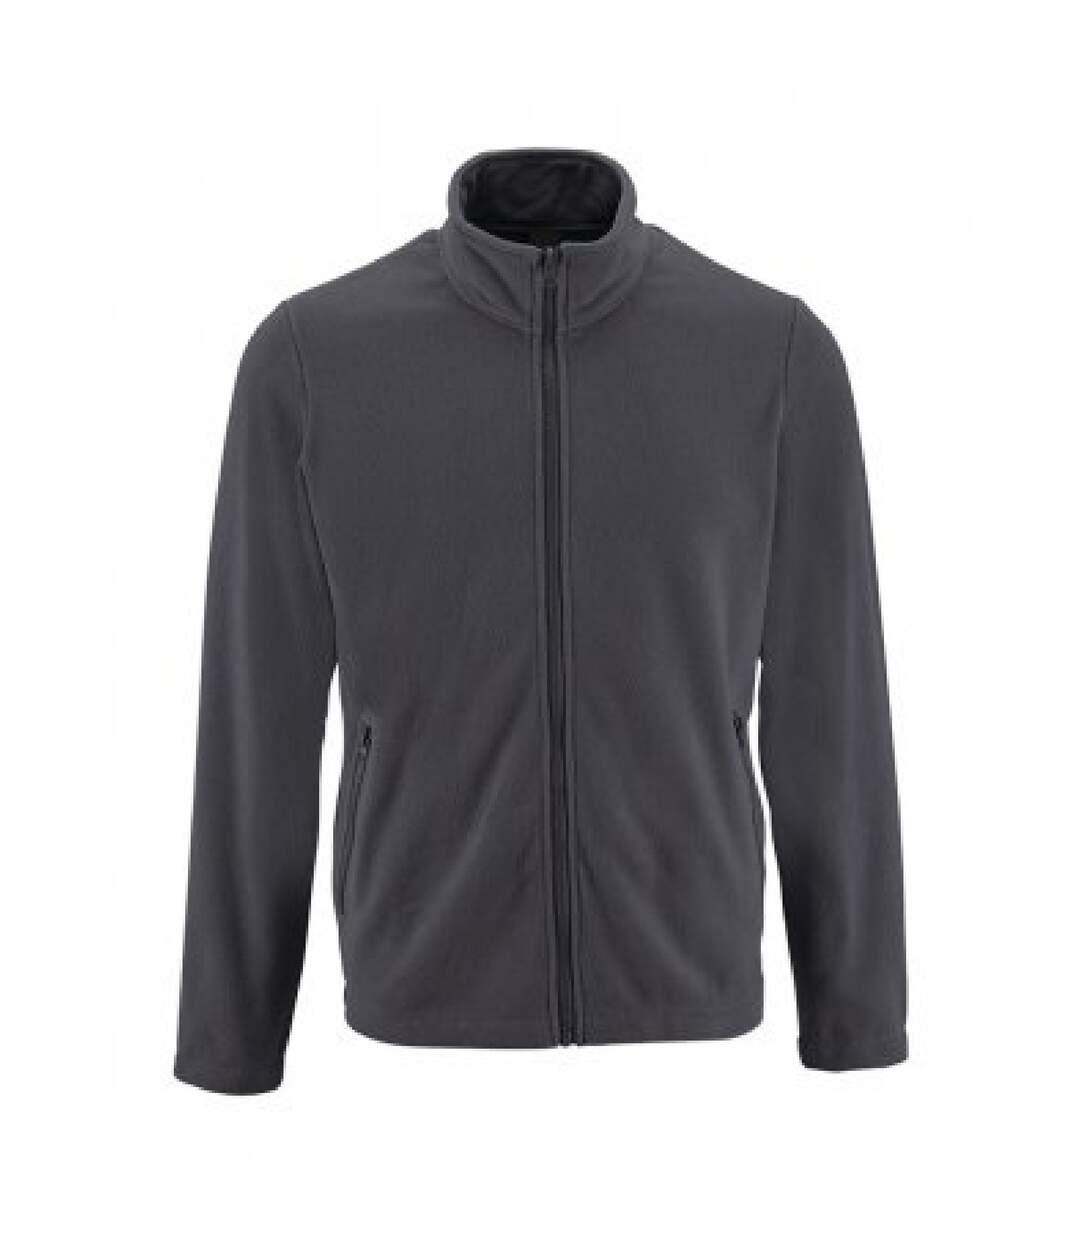 SOLS Mens Norman Fleece Jacket (Navy) - UTPC3210